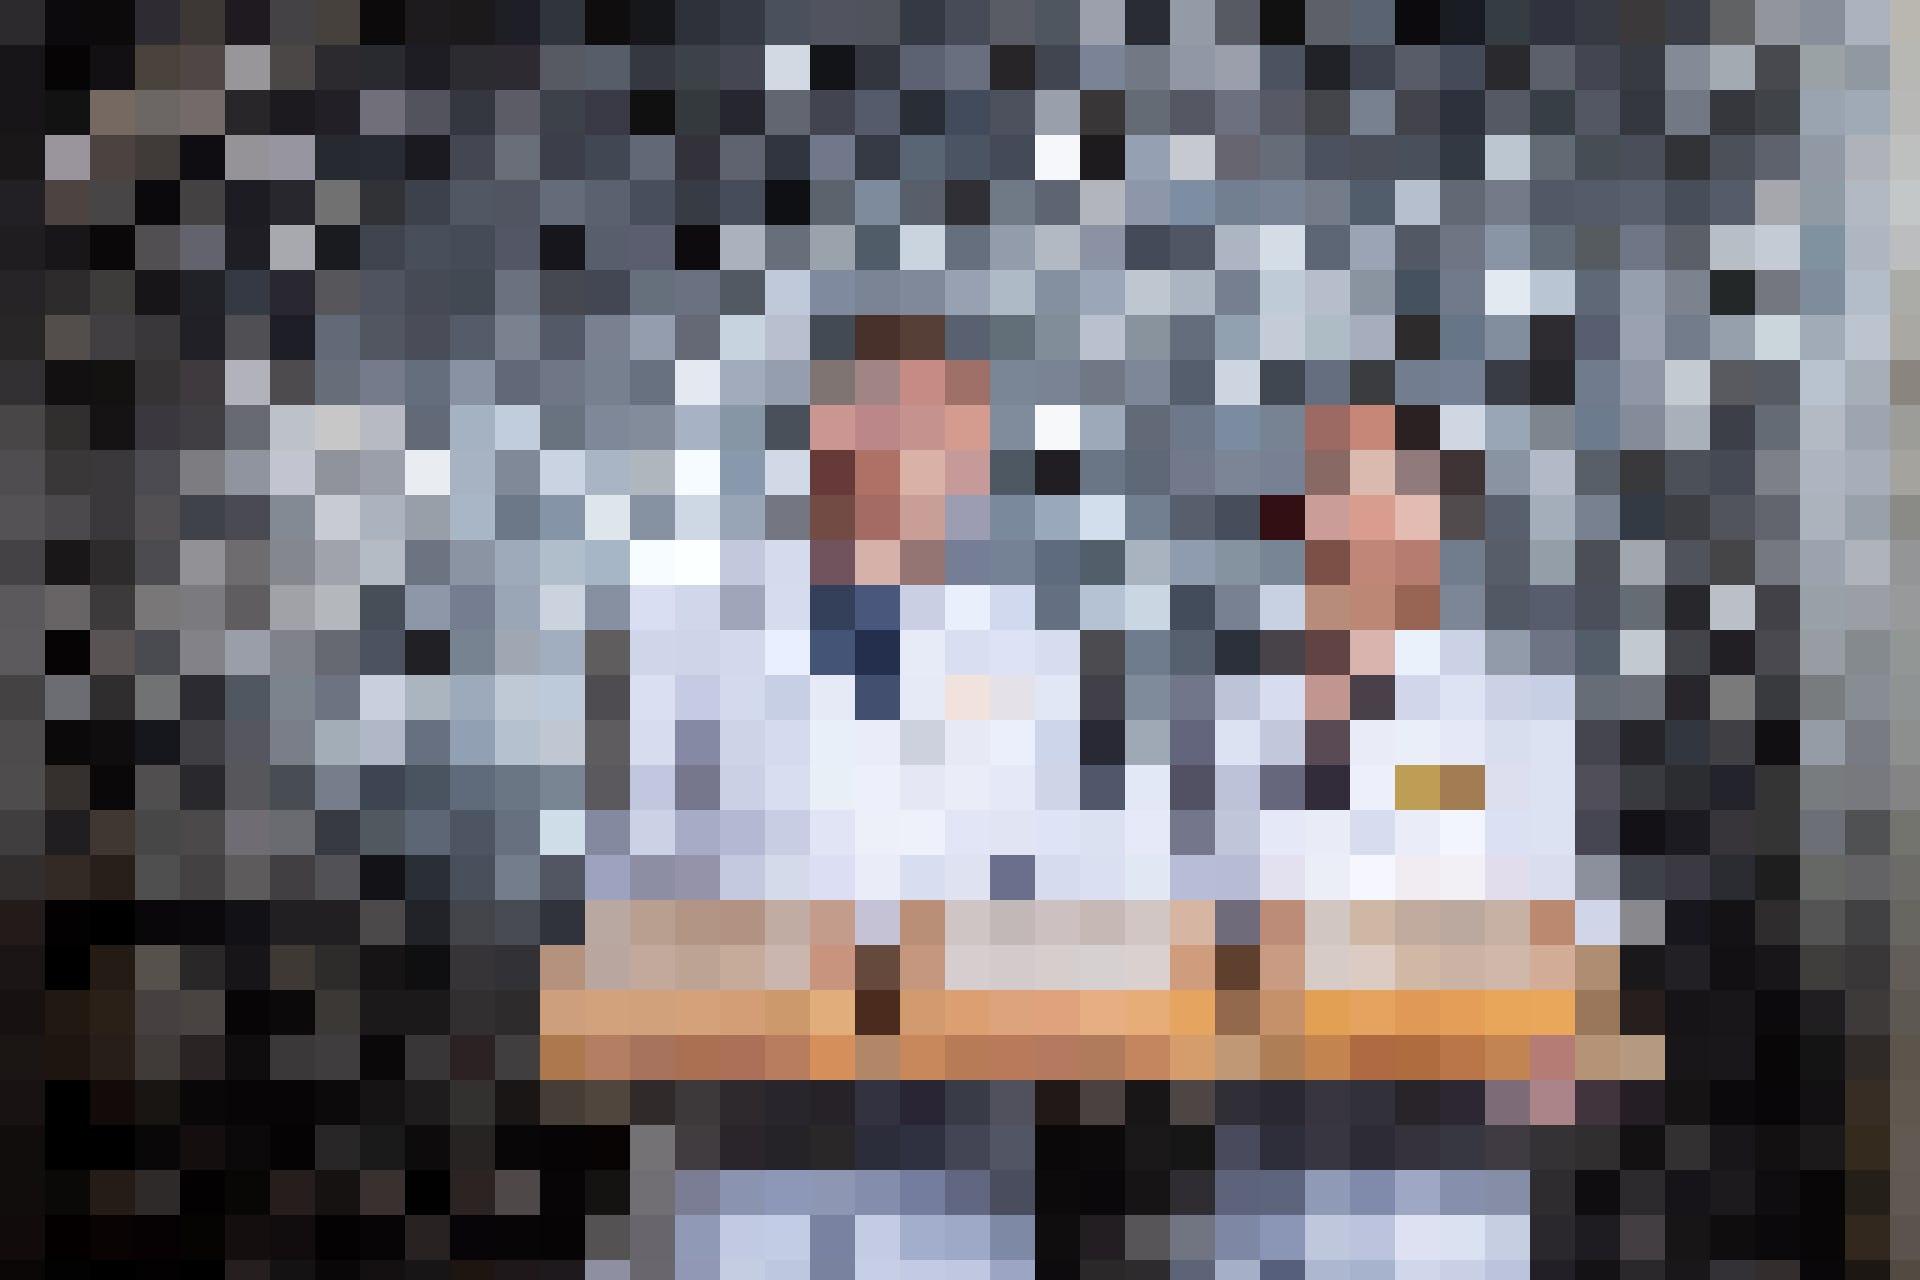 «Heute wollen viele Leute beim Raclette-Essen experimentieren, da ziehen wir auf jeden Fall mit!»  Felix Schibli, Geschäftsführer Seiler Käserei, Giswil